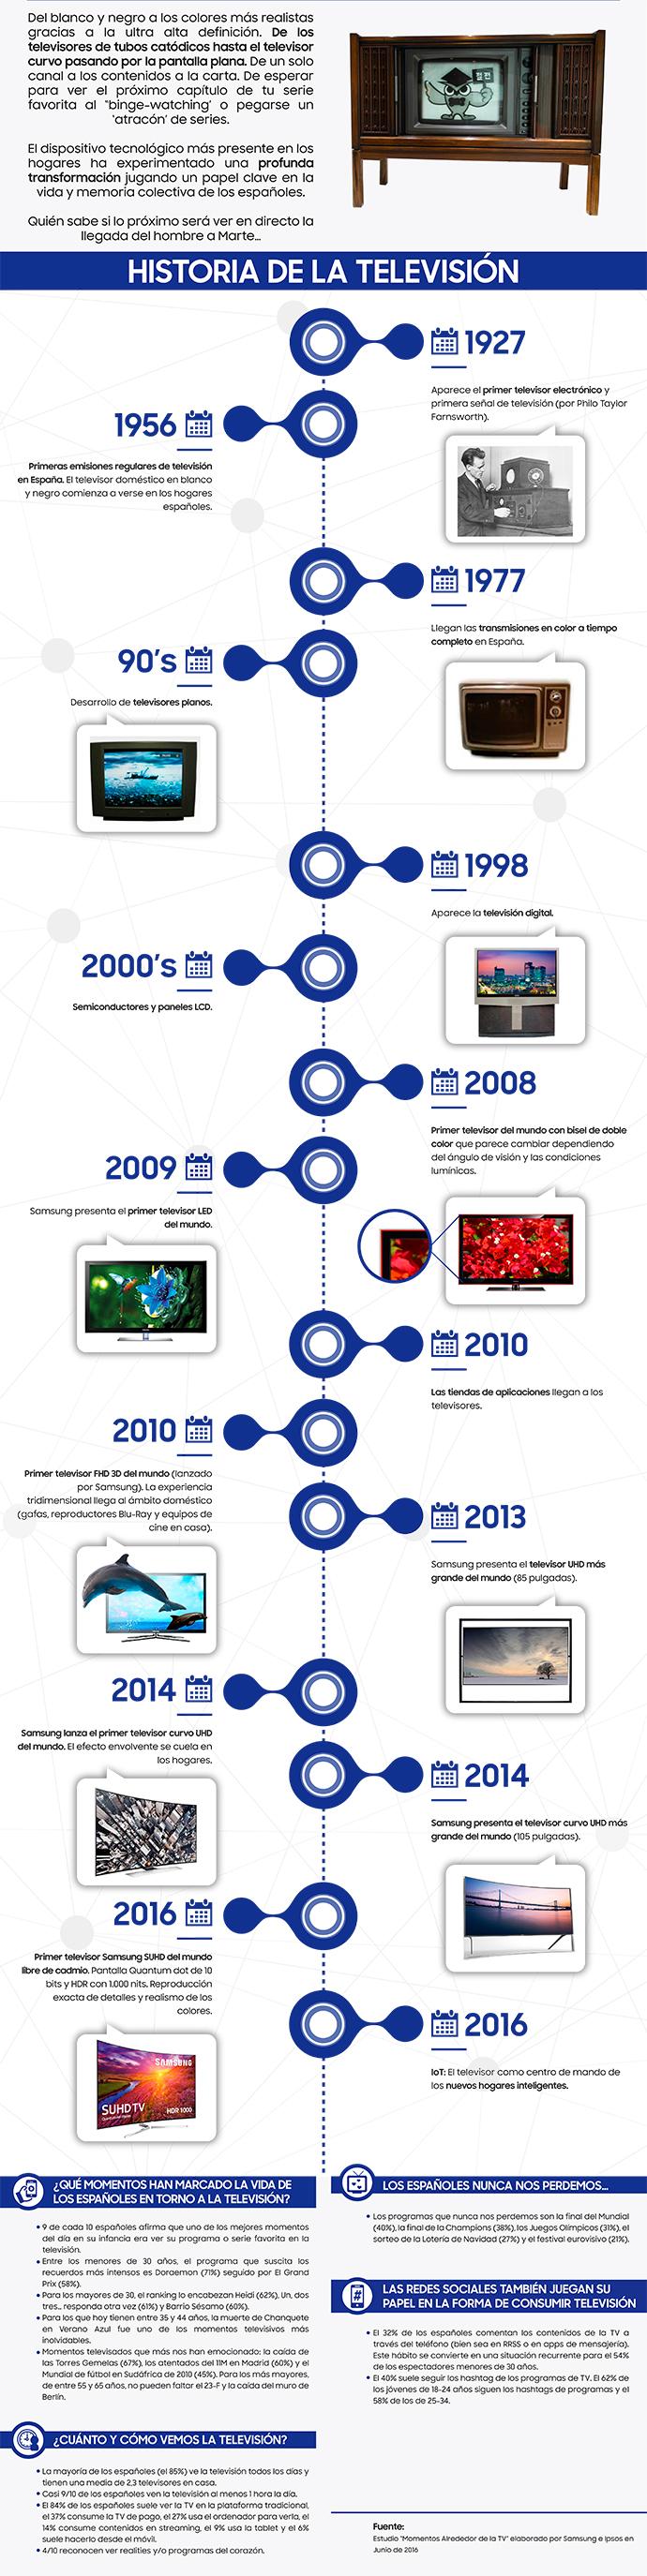 dia-mundial-de-la-television-infografía